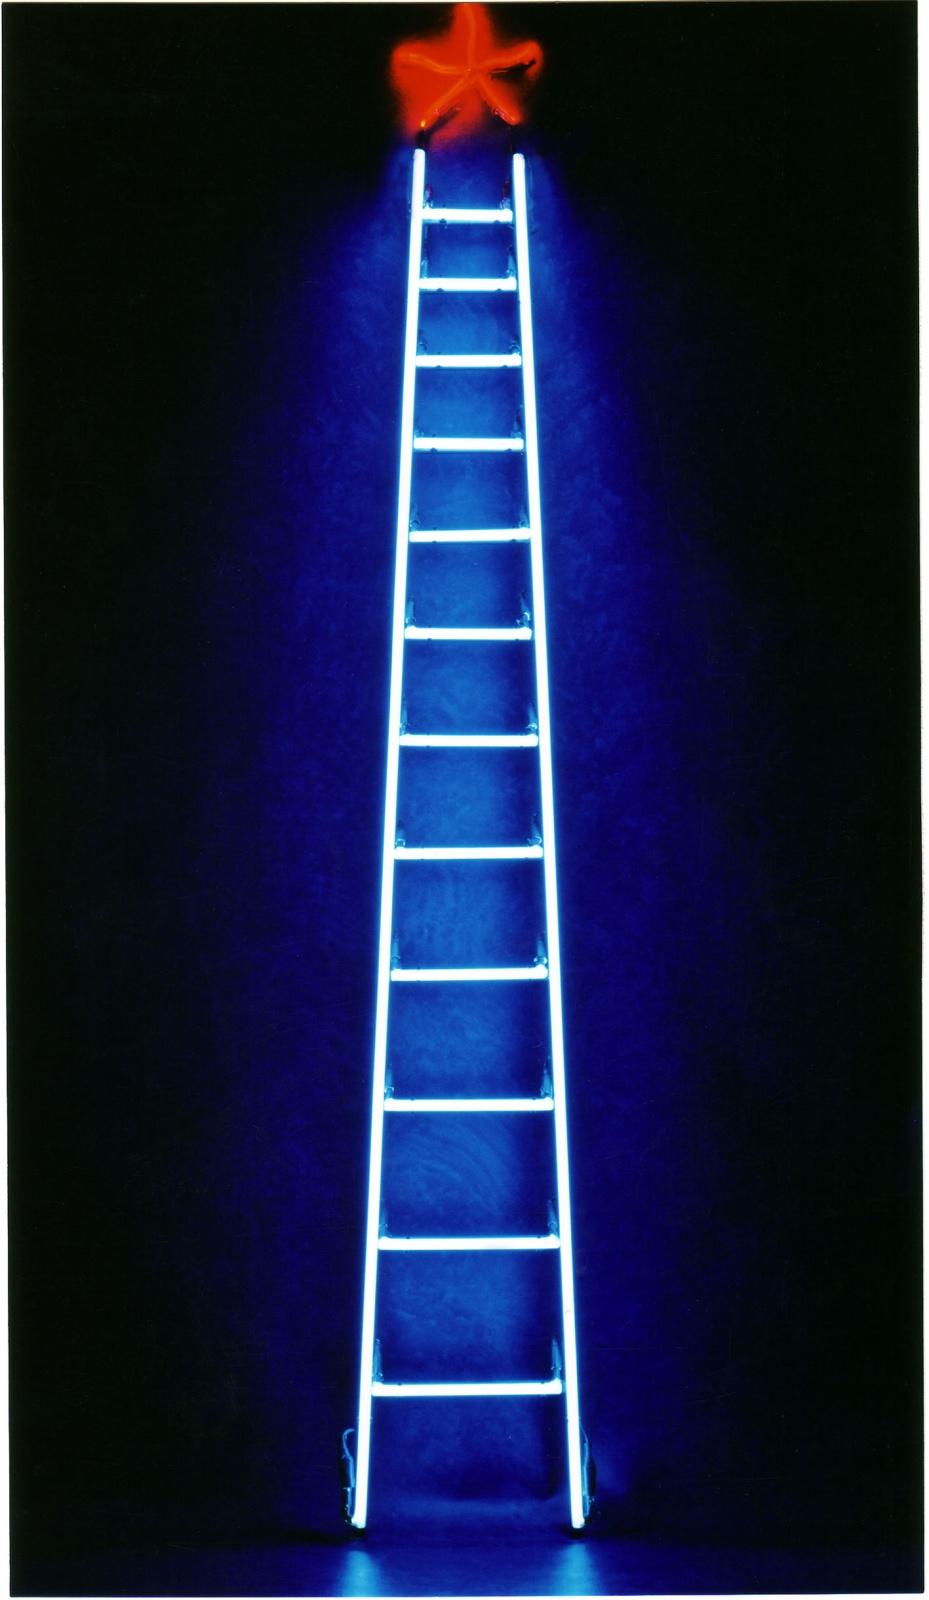 SCALINATELLA . 1999 - Tubi al neon su struttura in ferro, cm.230 x 30 Collezione Maristella Buonsante, Bari